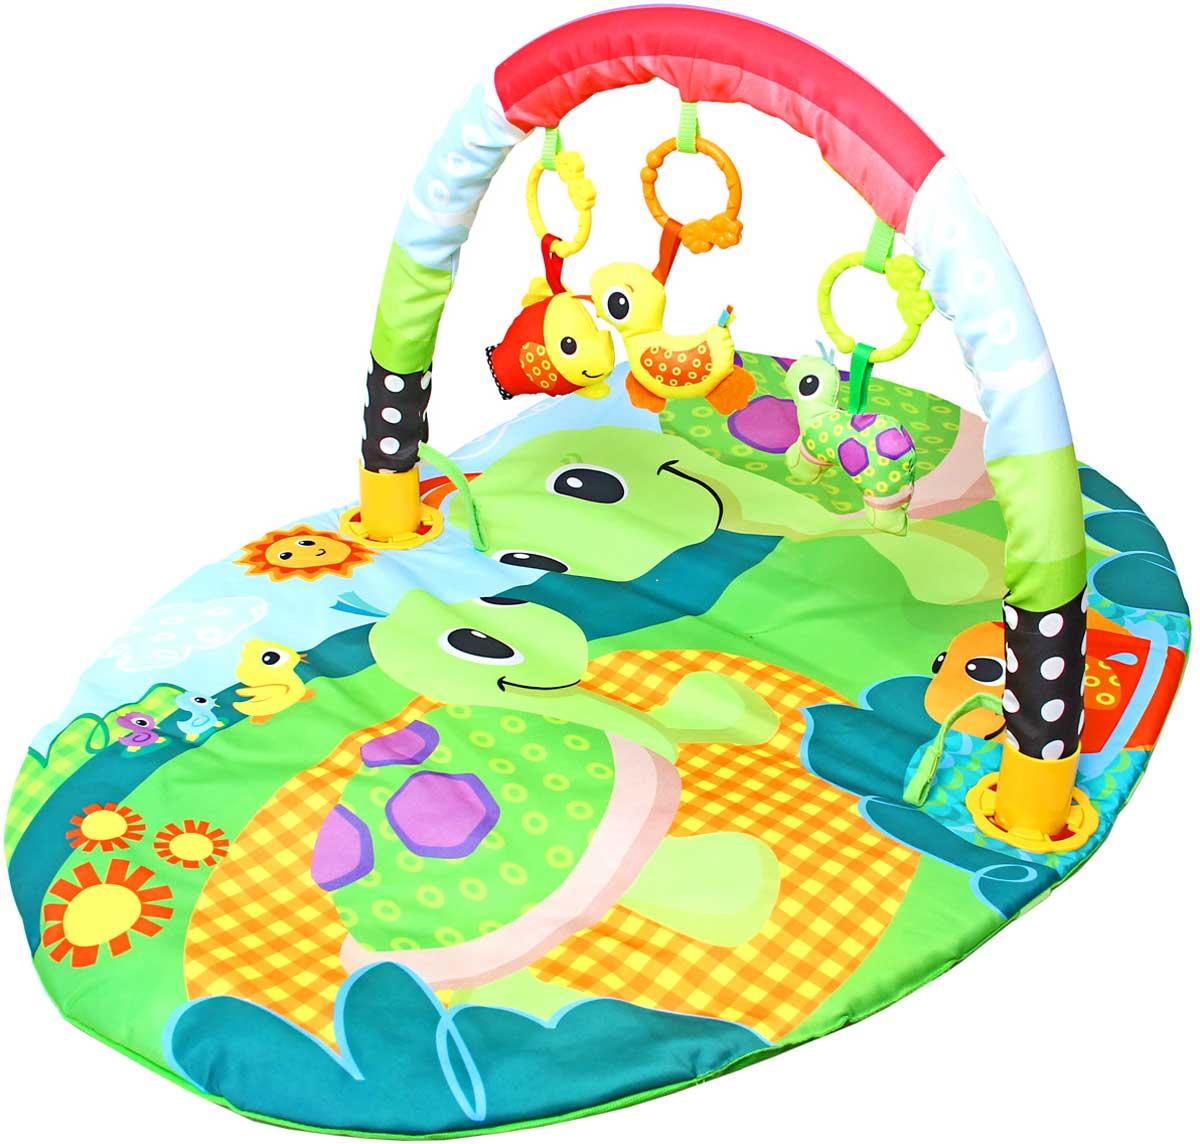 Ути-Пути Развивающий коврик Веселые черепашки игровой коврик умка квадратный с мягкими игрушками на подвеске